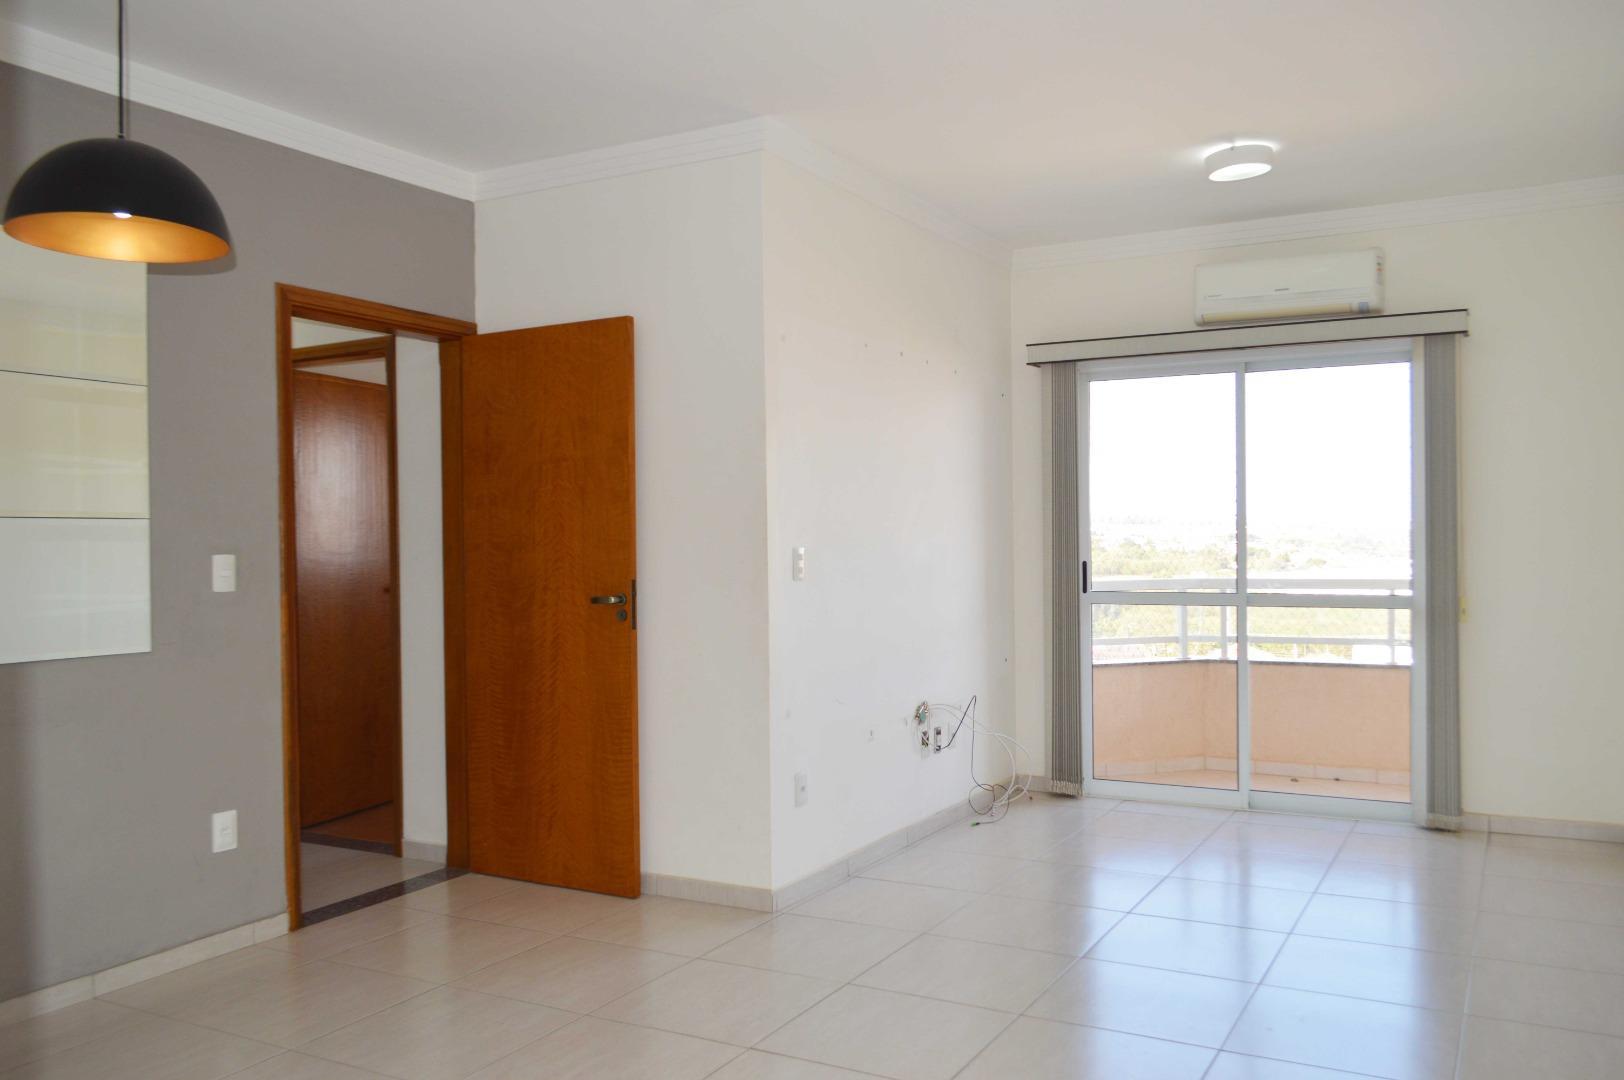 Apartamento com 2 dormitórios à venda, 77 m² por R$ 390.000,00 - Jardim Santa Rosa - Nova Odessa/SP